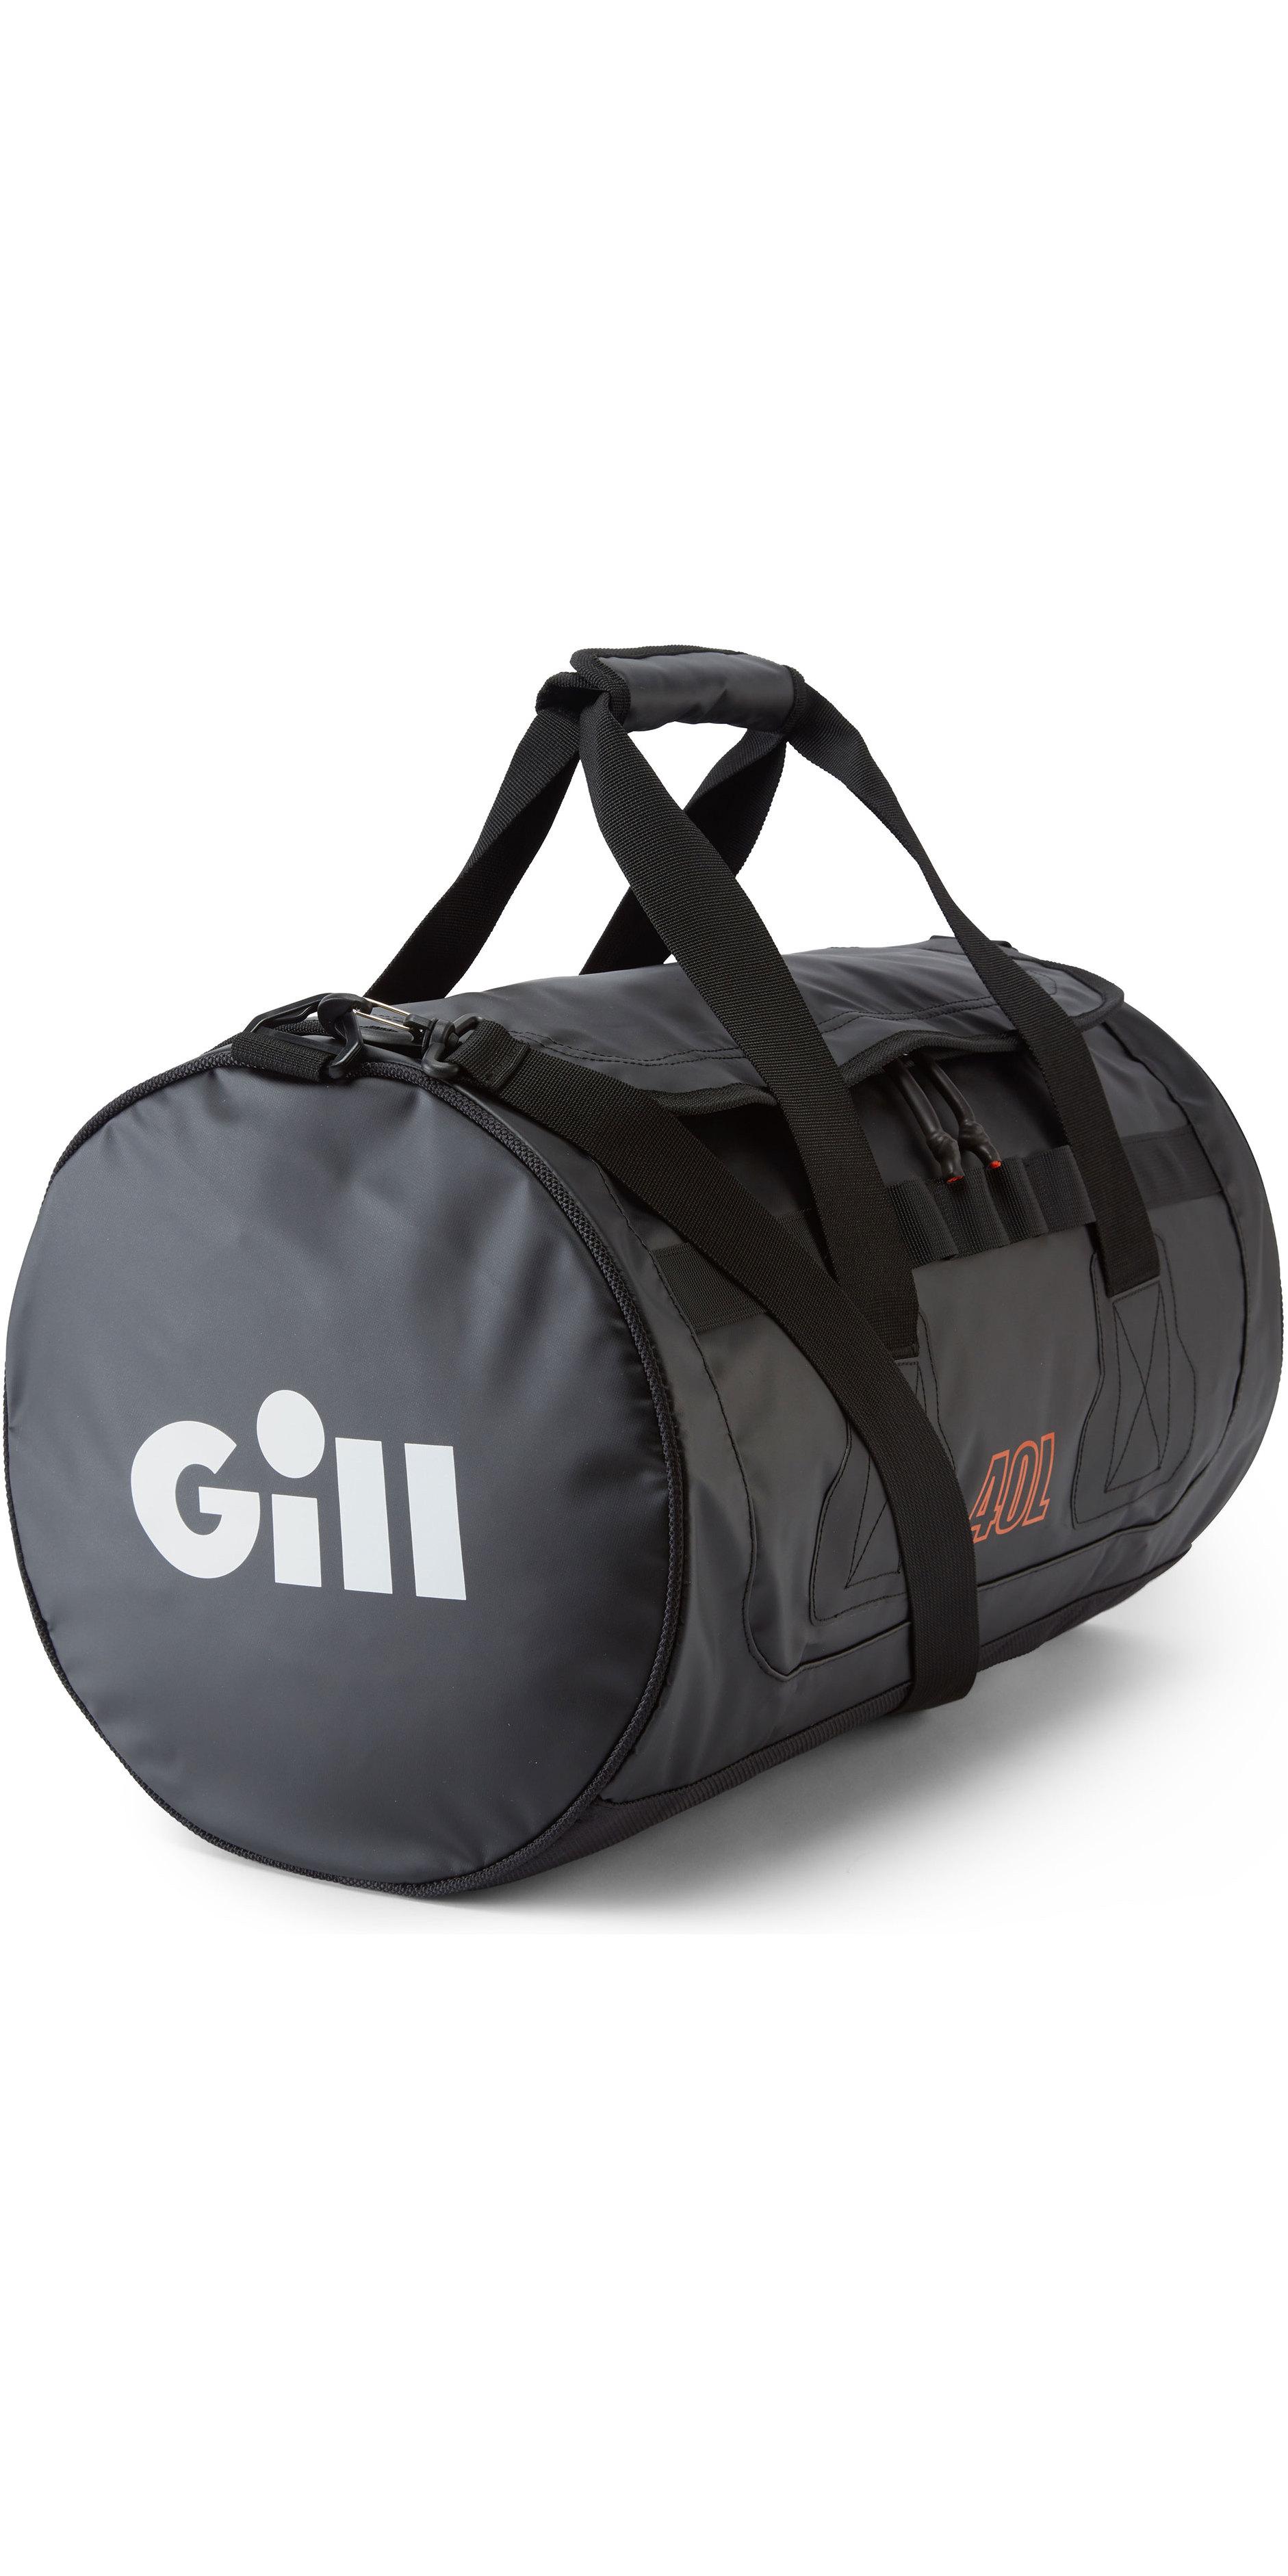 Sac /étanche GILL Tarp Barrel 60L